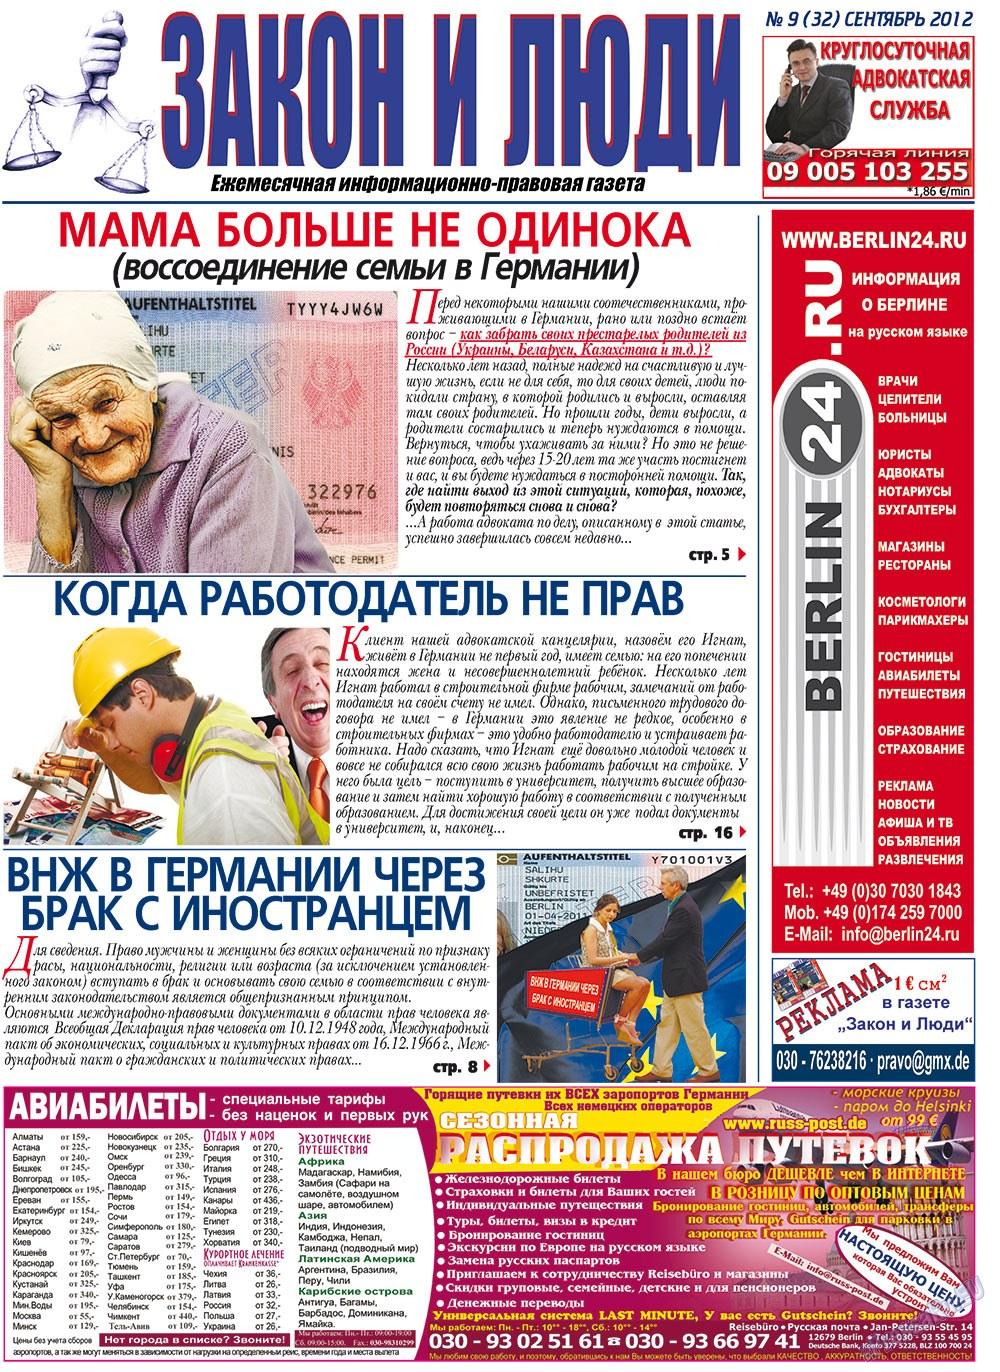 Закон и люди (газета). 2012 год, номер 9, стр. 1